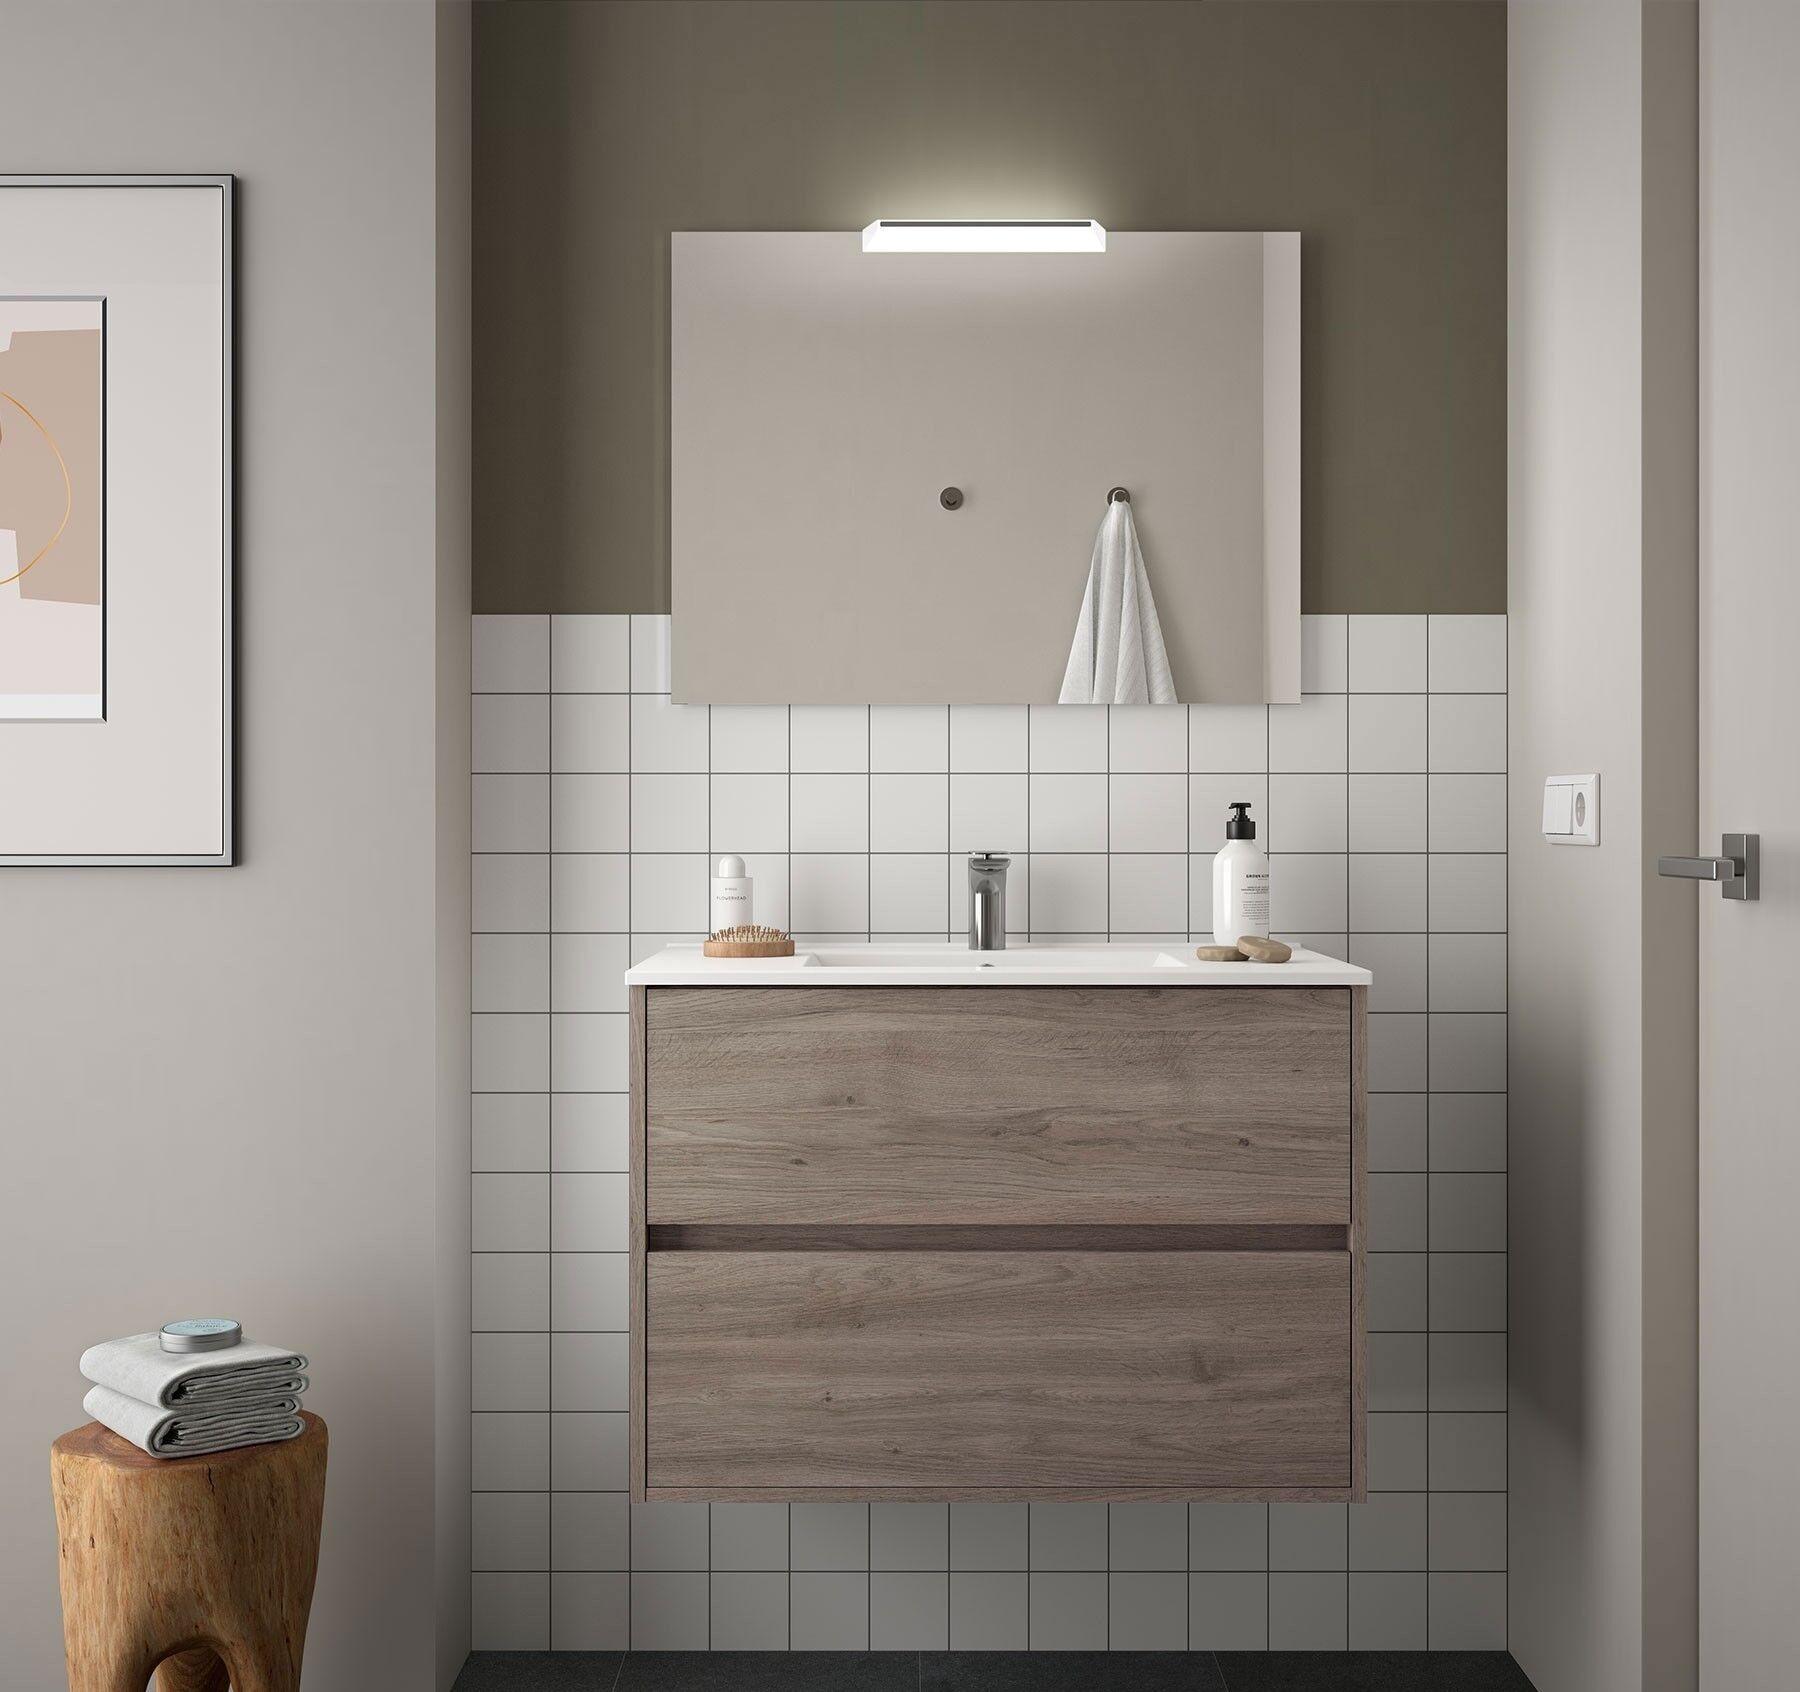 CAESAROO Meuble de salle de bain suspendu 90 cm chêne eternity avec lavabo en porcelaine   90 cm - Avec double colonne, miroir et lampe à LED